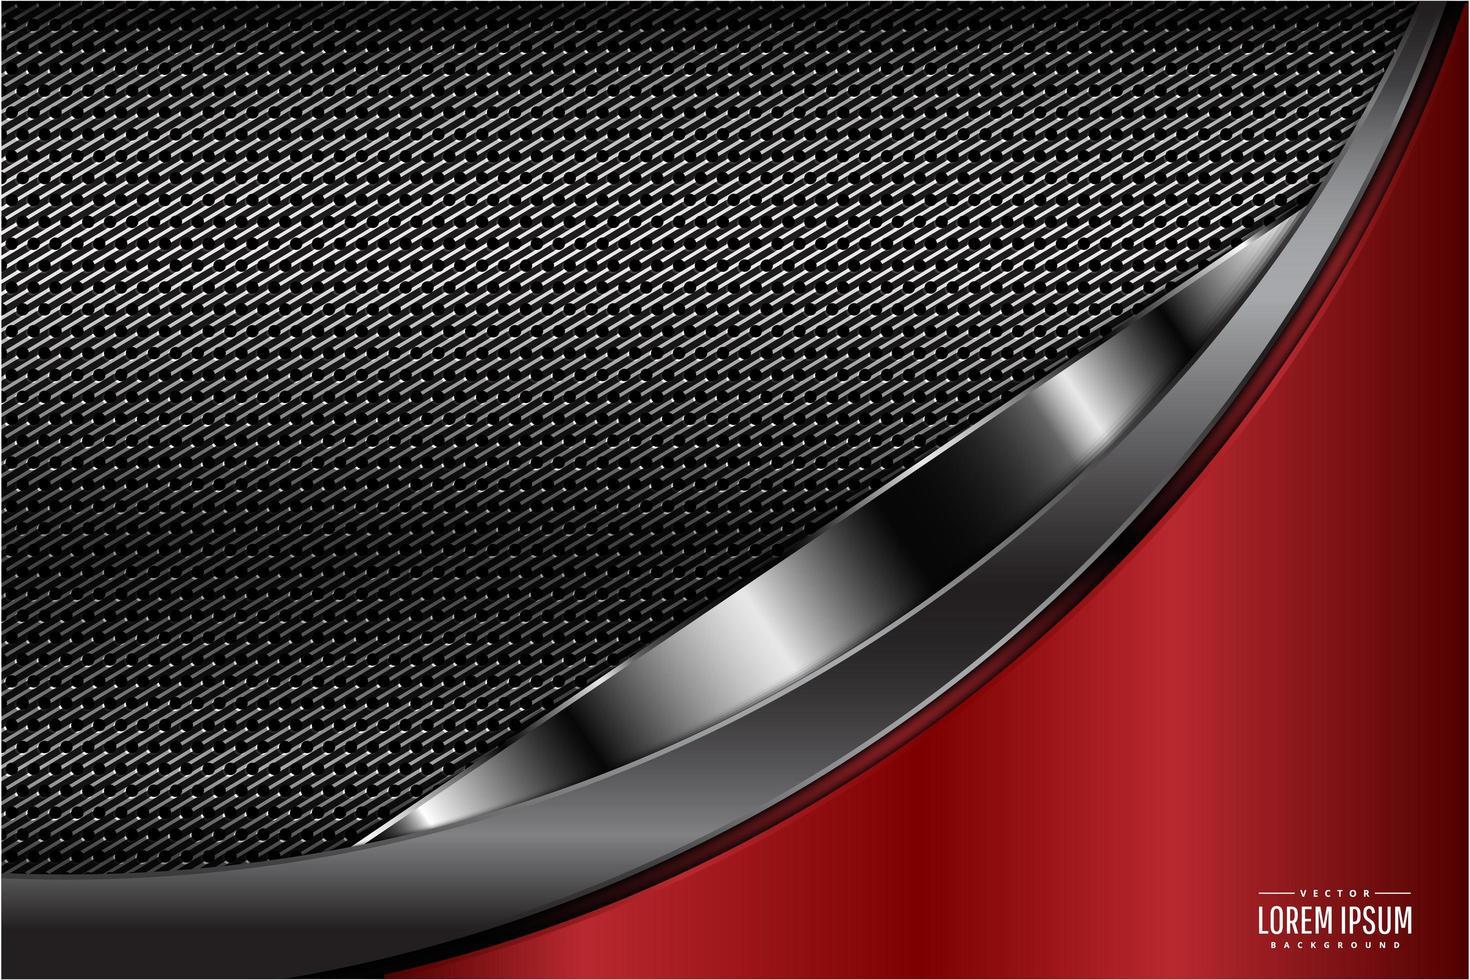 fond de conception courbe technologie rouge vecteur